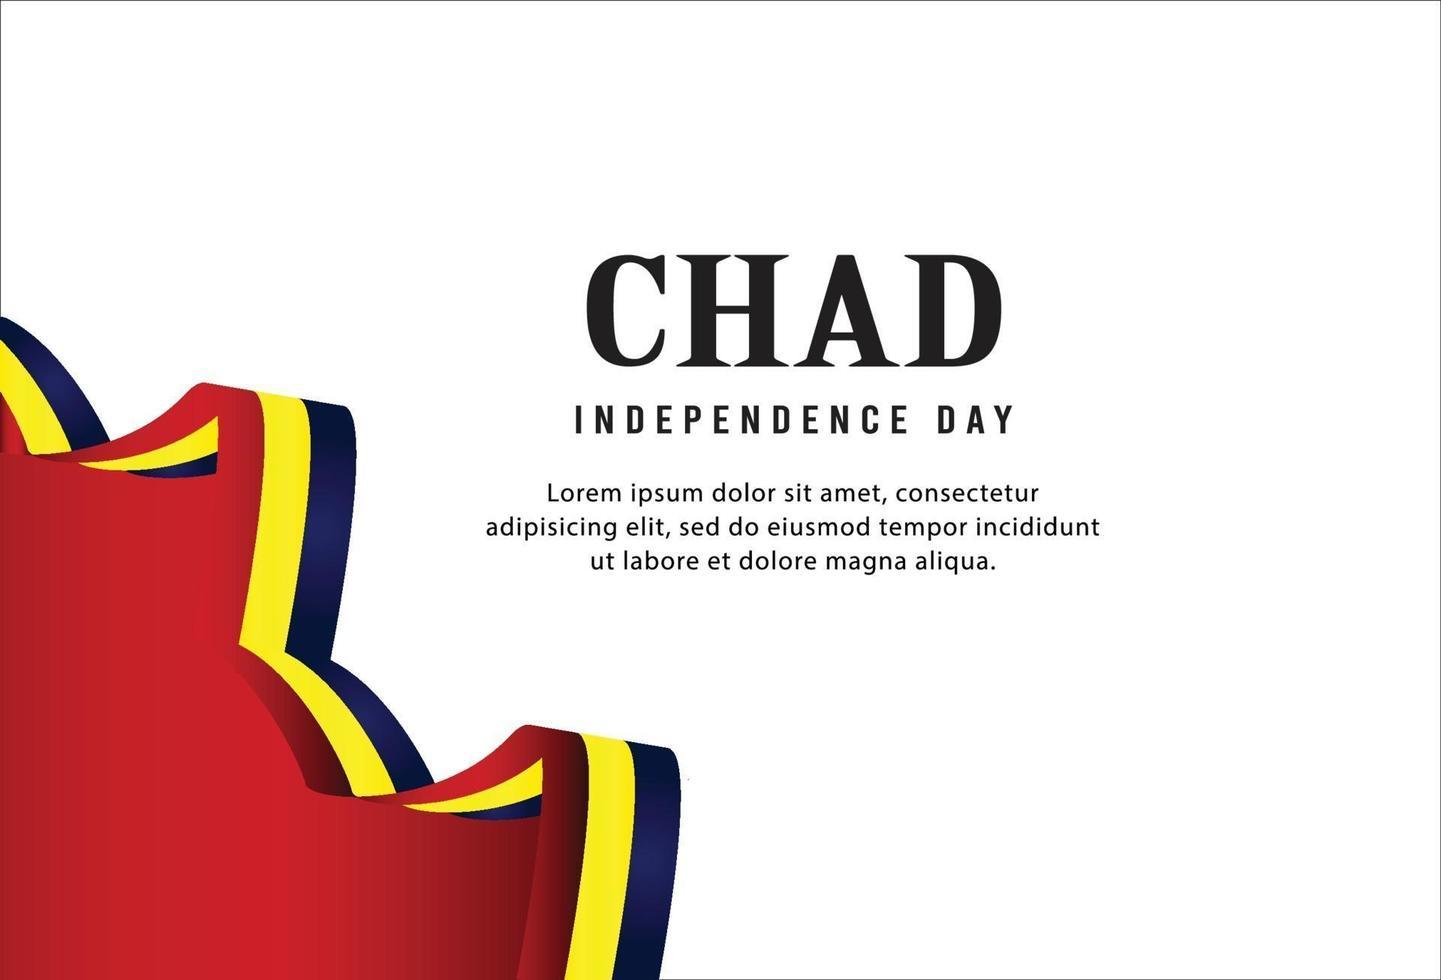 Feliz Dia da Independência do Chade. modelo vetor